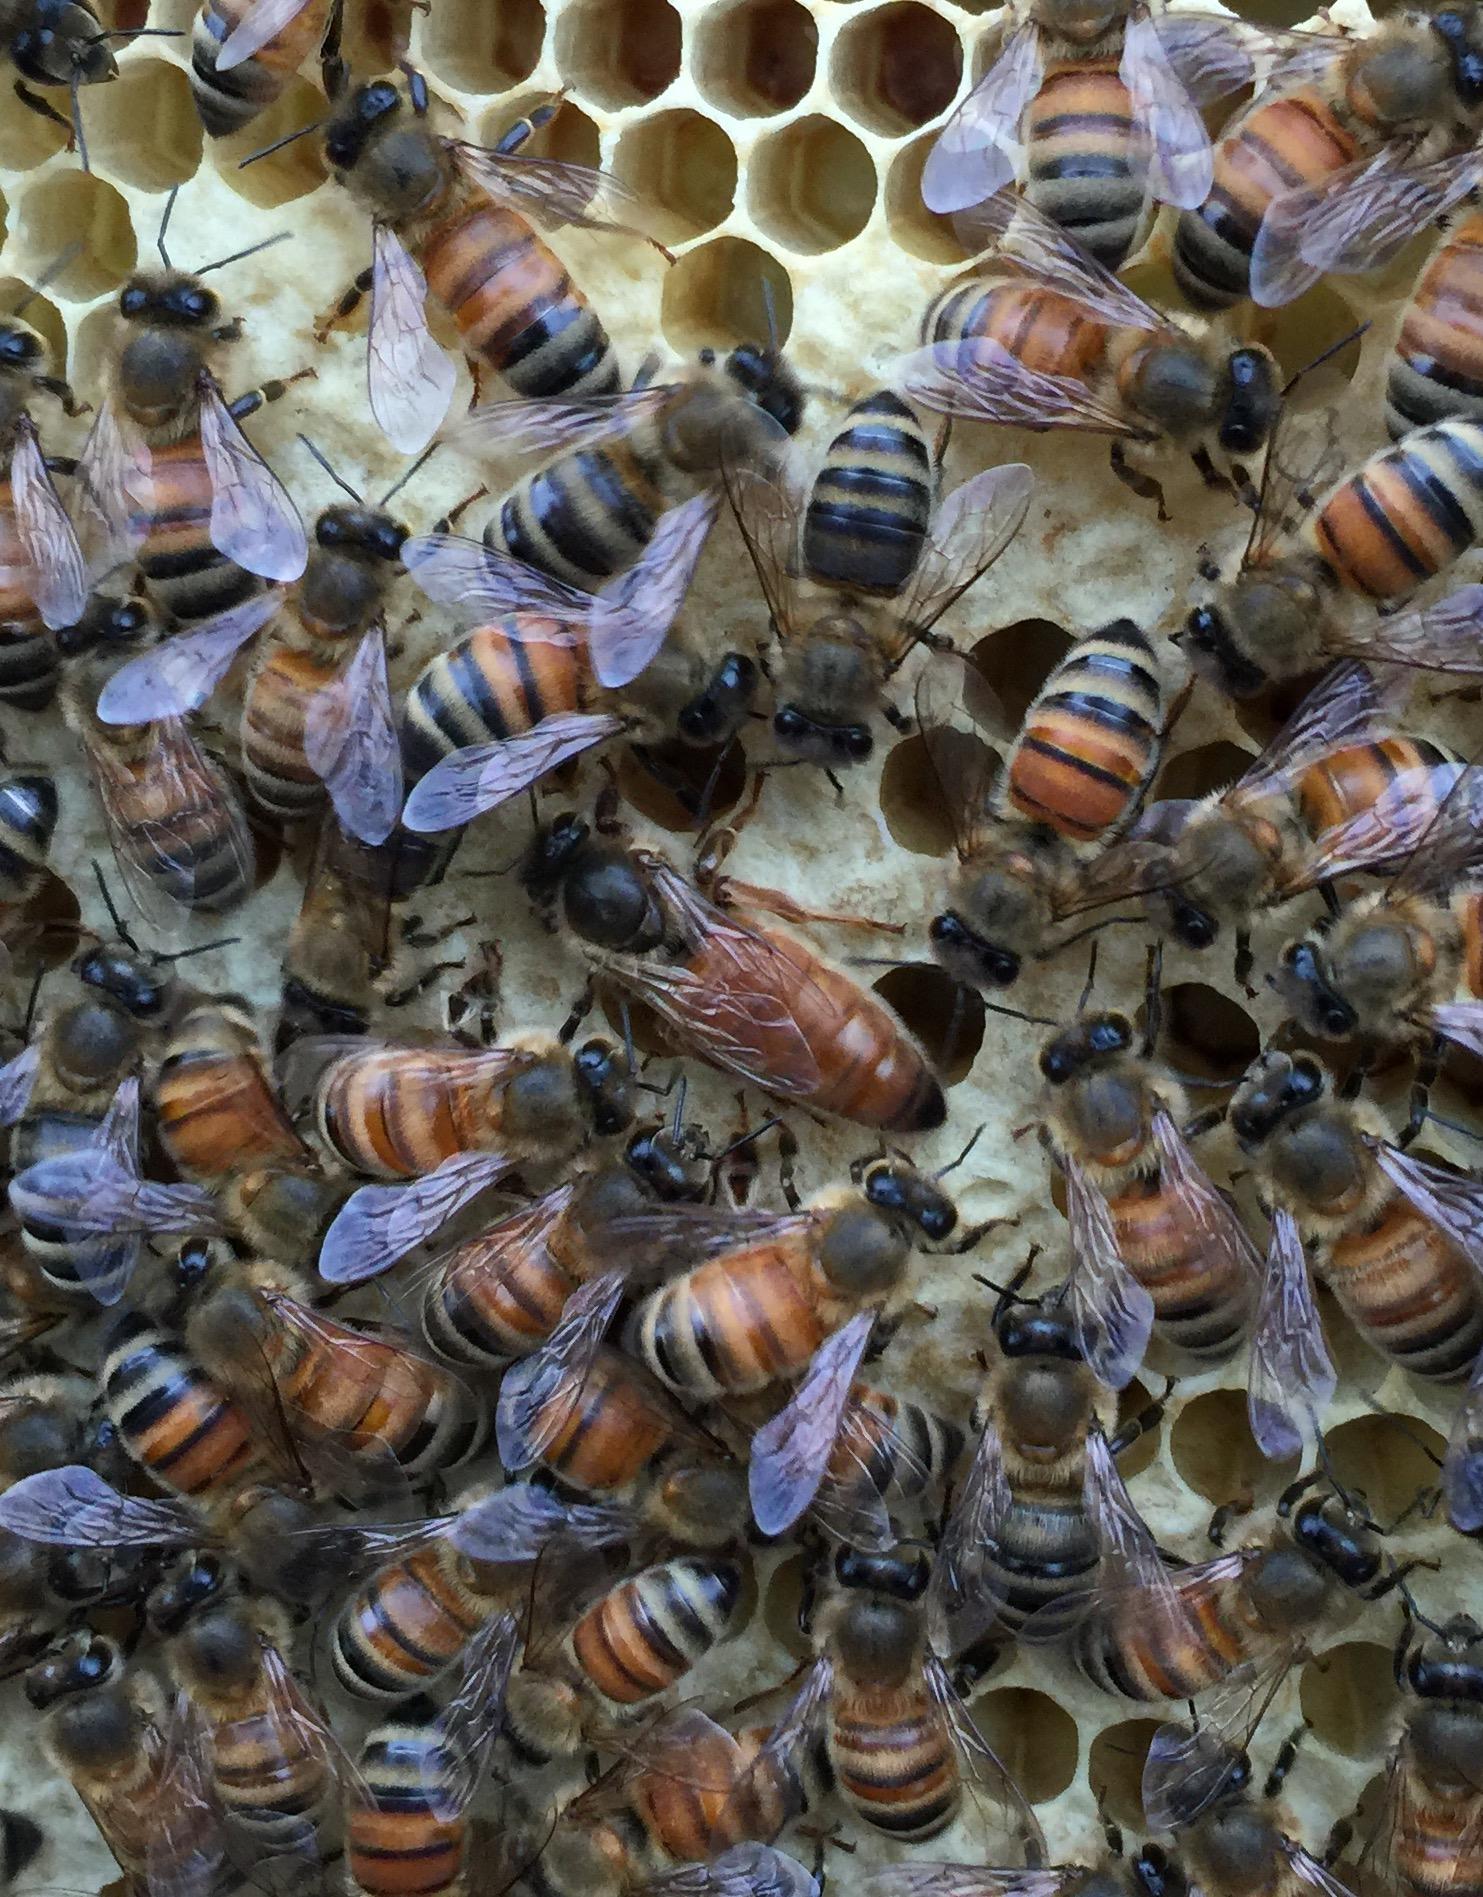 Gaiser Bee Co. host a hive